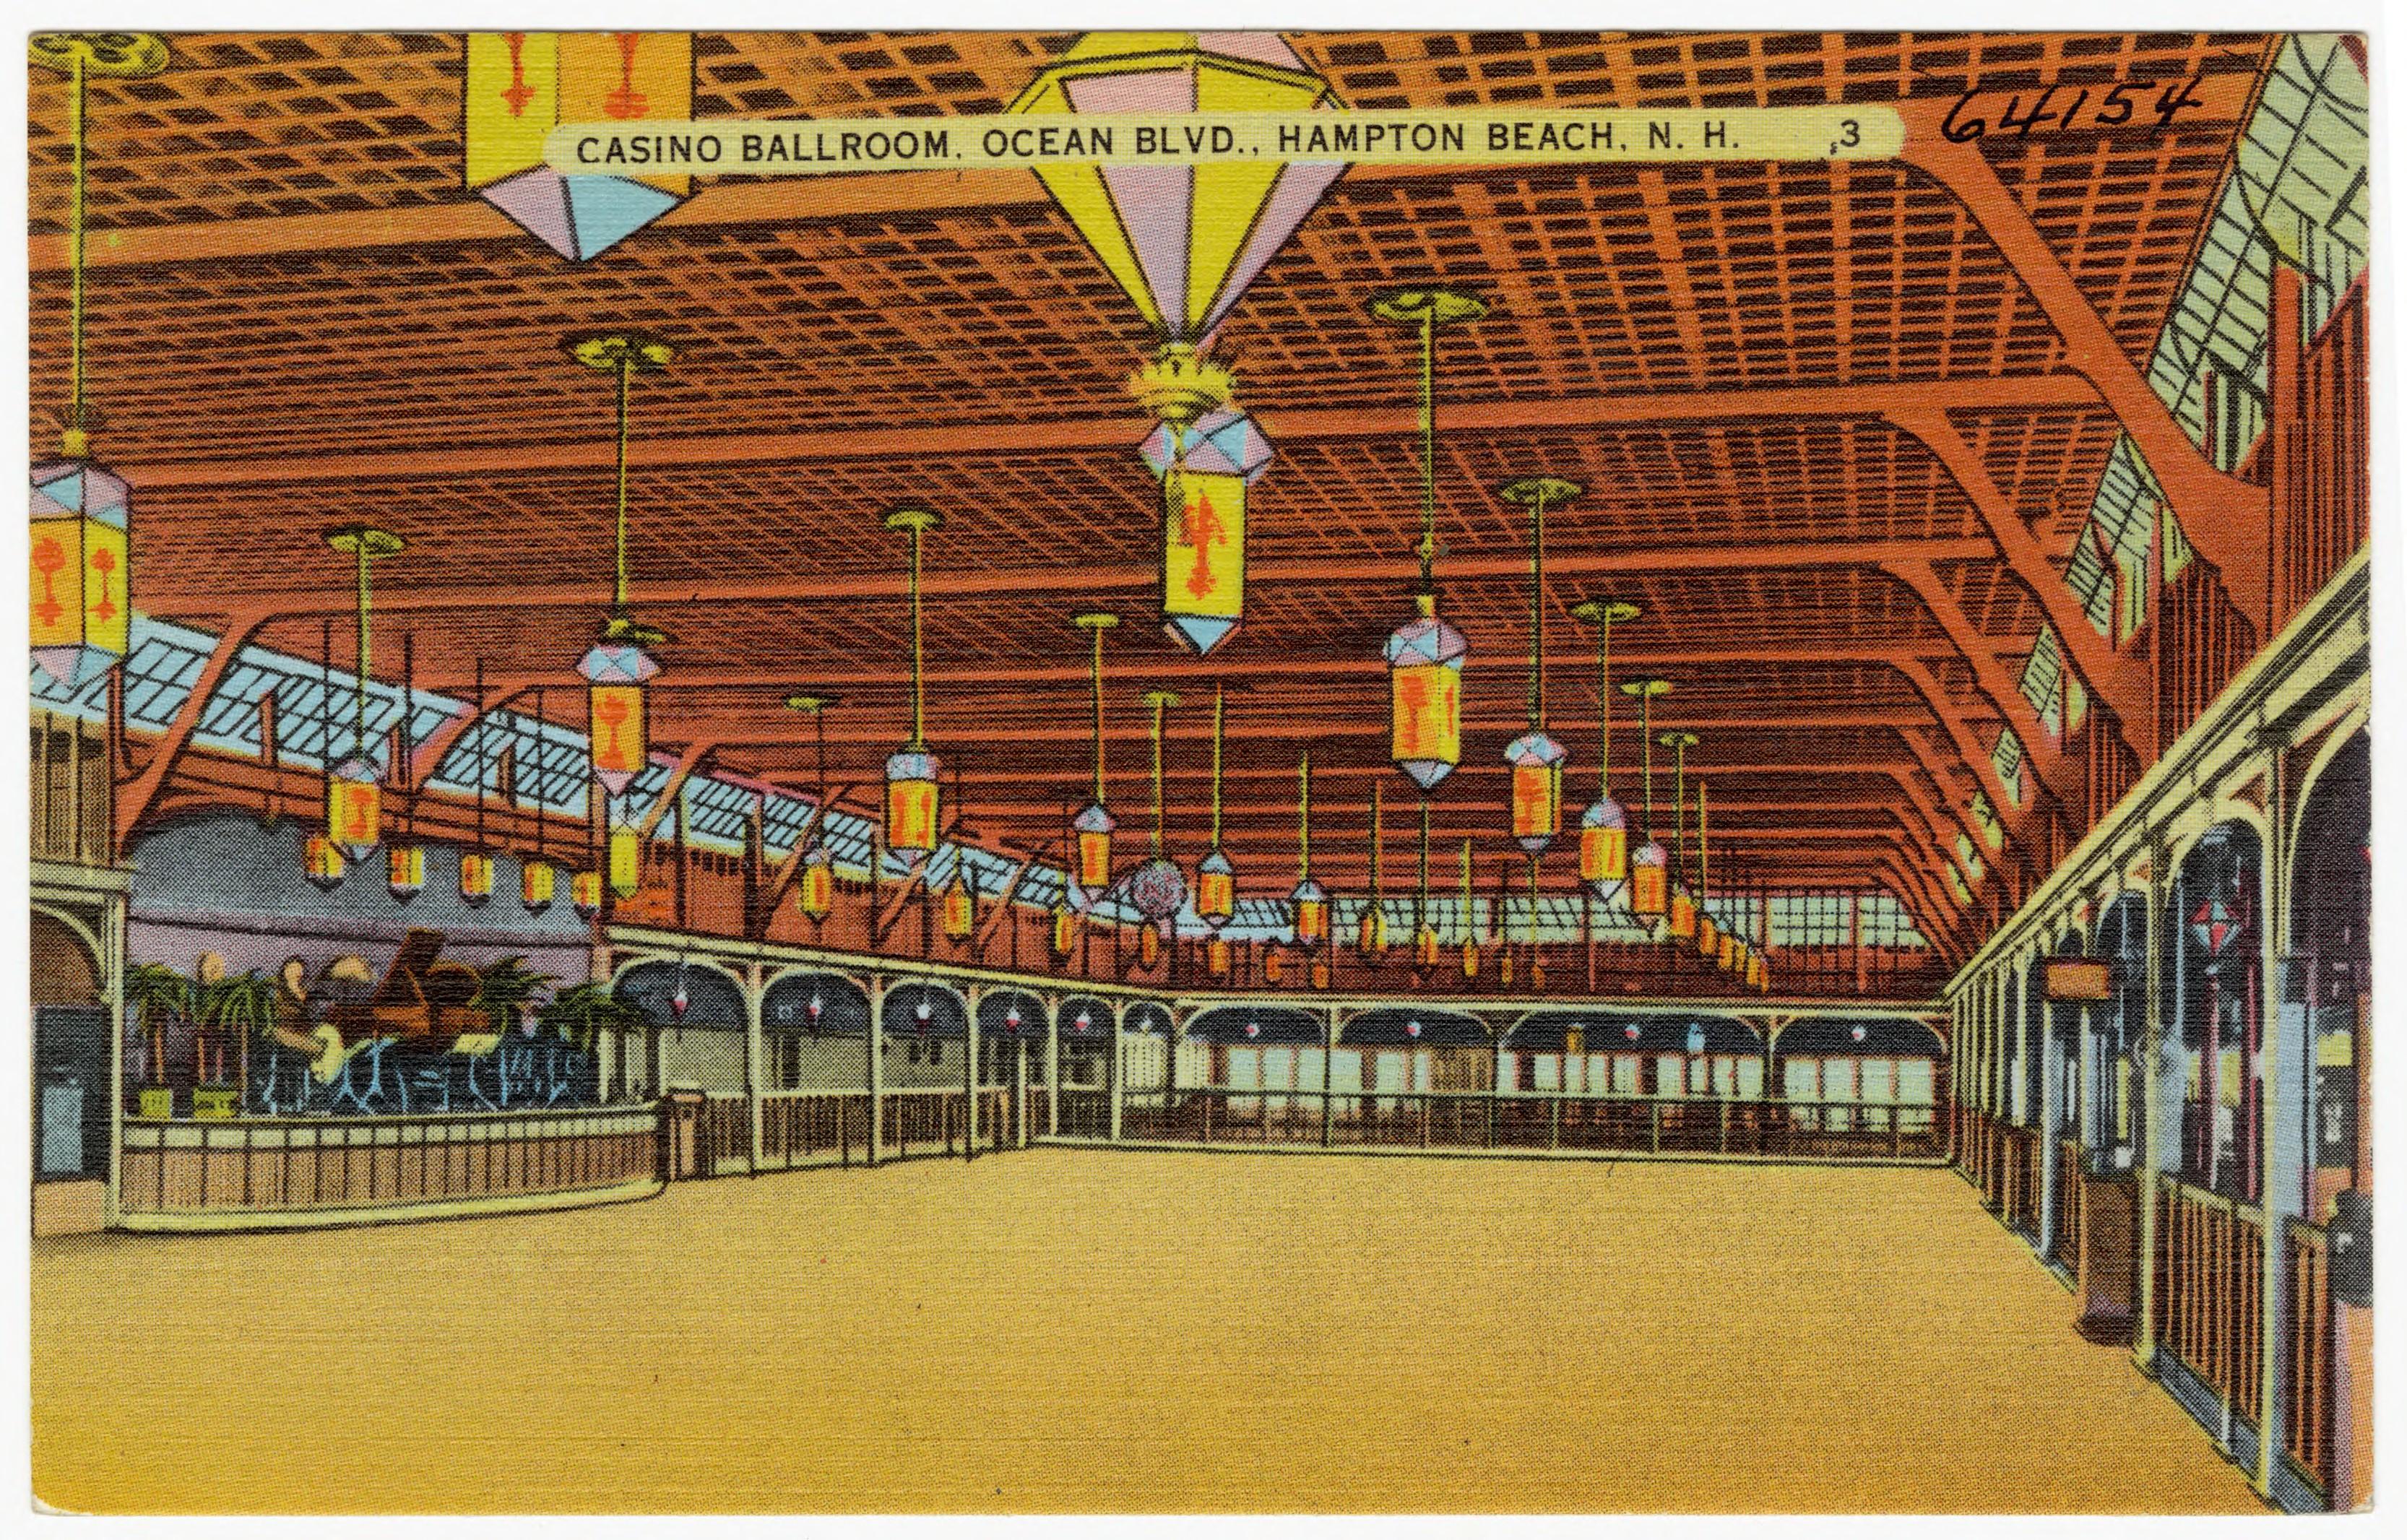 Hampton beach casino ballrom flash casino games play free